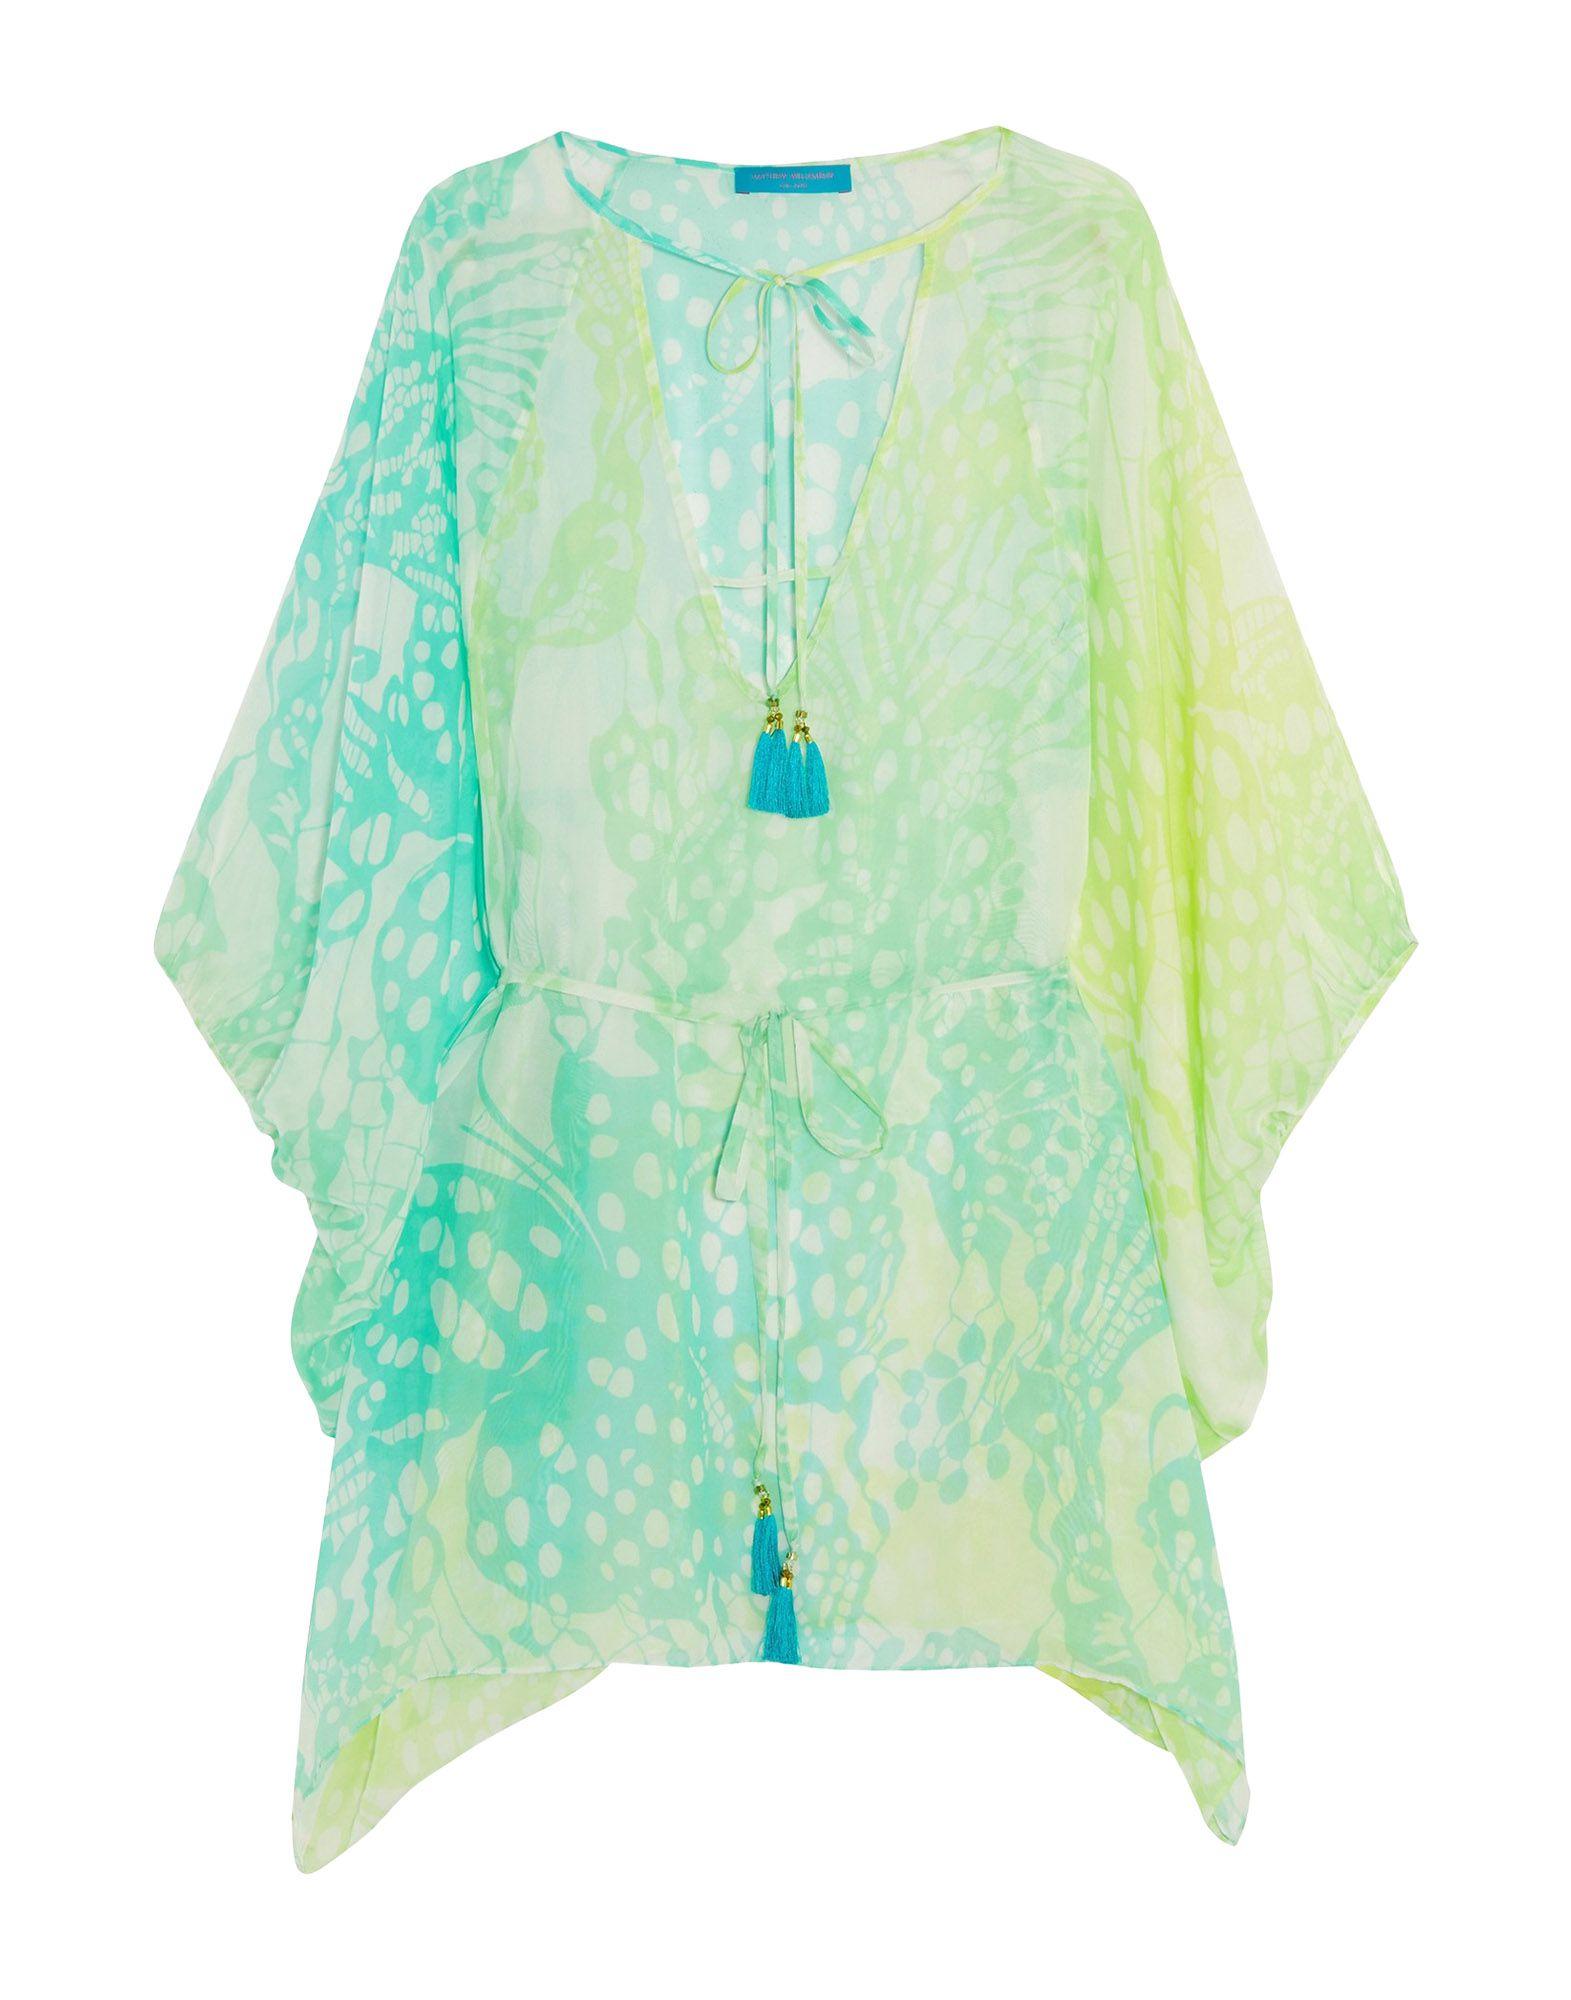 MATTHEW WILLIAMSON Пляжное платье белый барс печати шифон цветочные пряжи microvent ручной платье нитями ткани